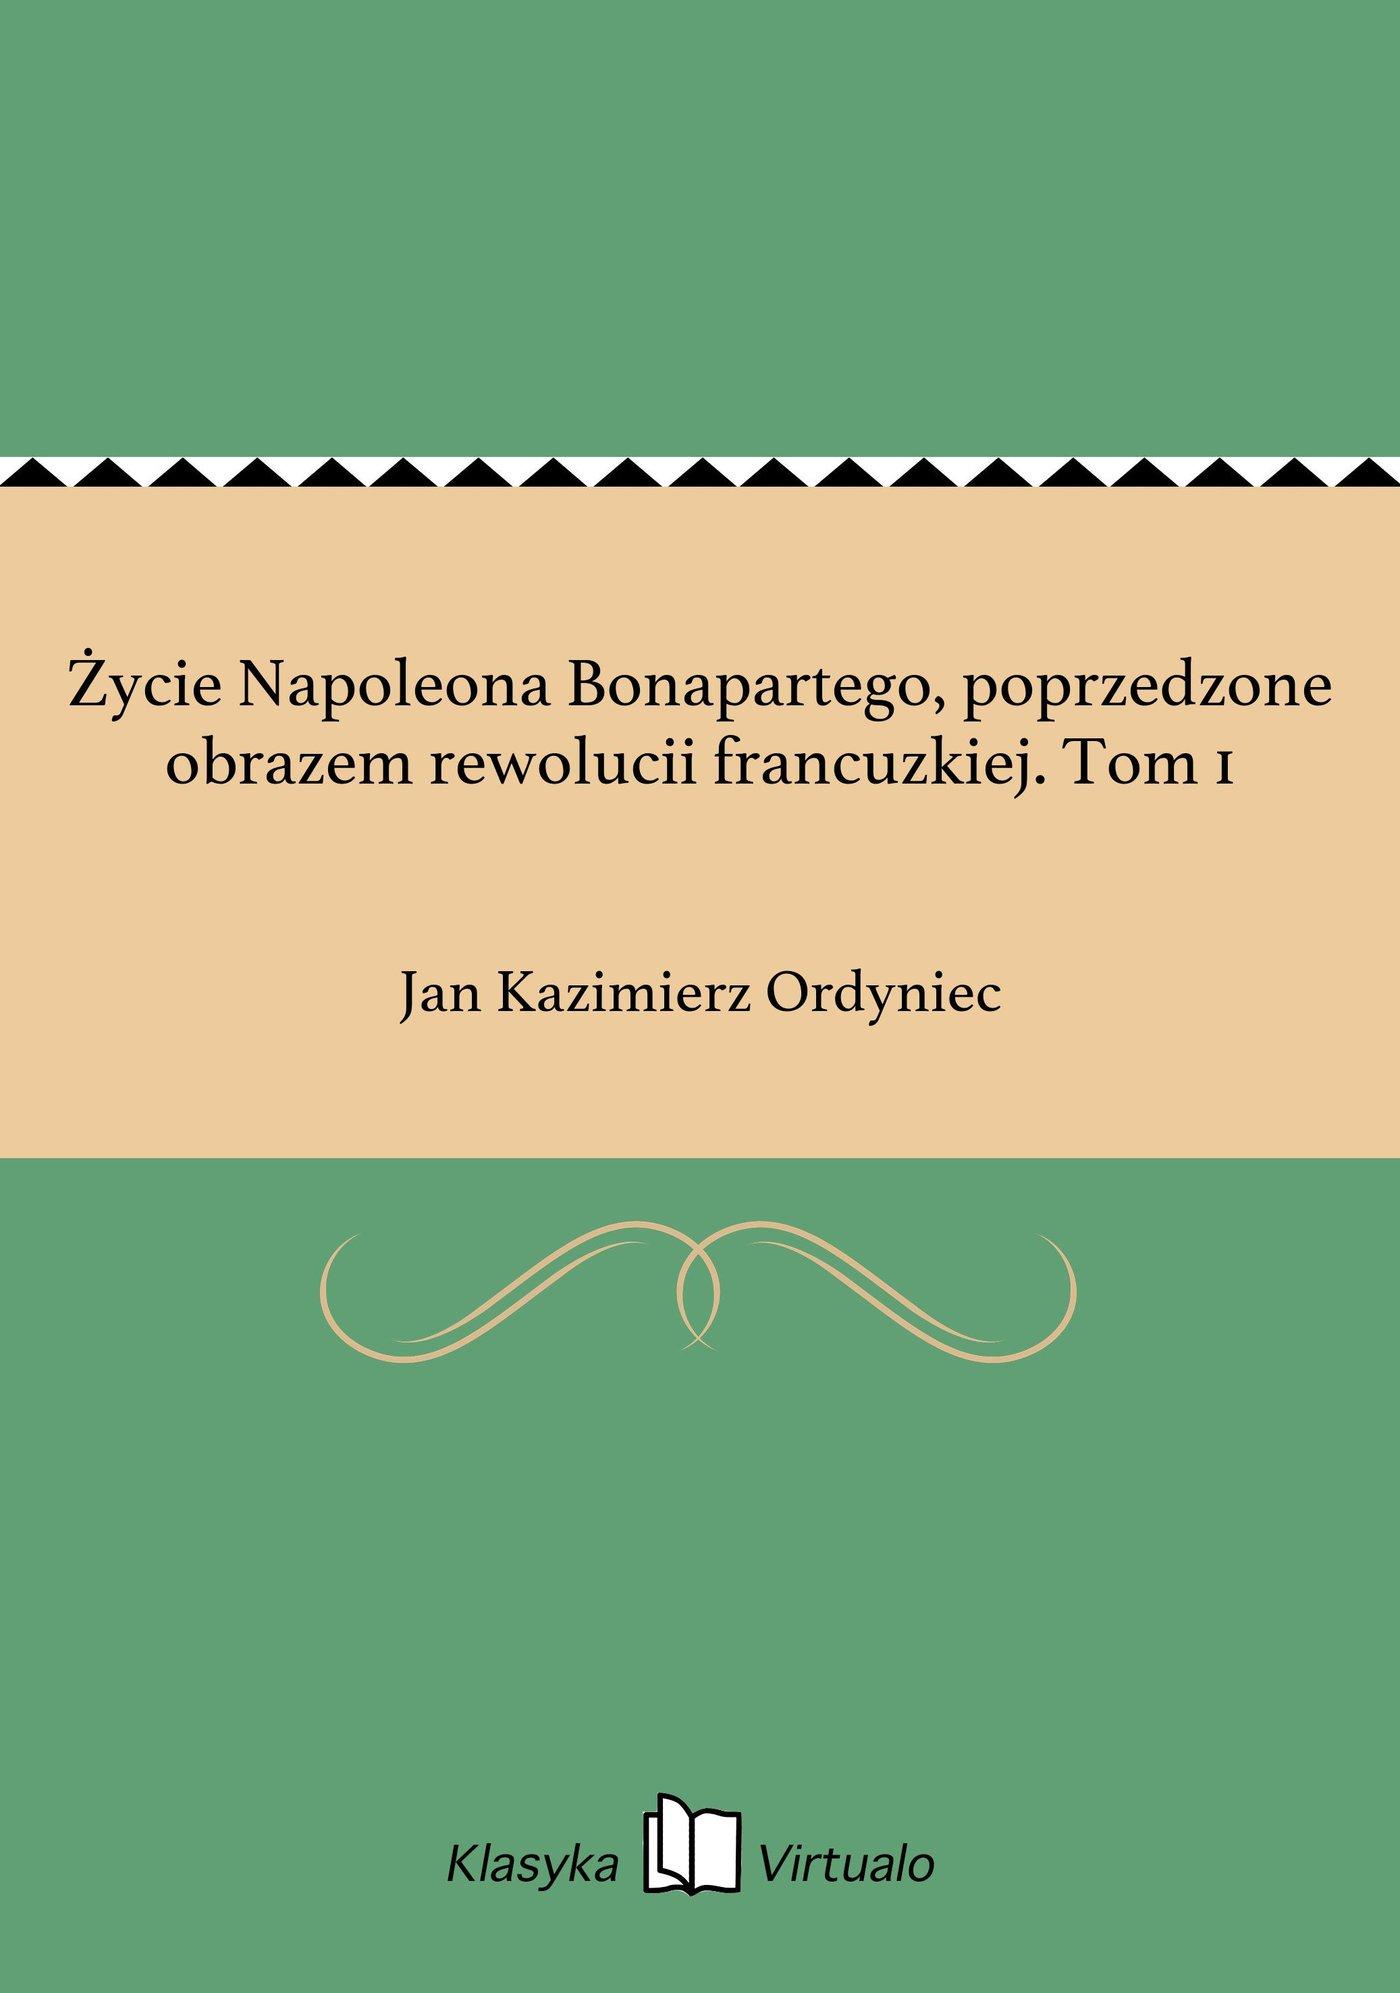 Życie Napoleona Bonapartego, poprzedzone obrazem rewolucii francuzkiej. Tom 1 - Ebook (Książka EPUB) do pobrania w formacie EPUB